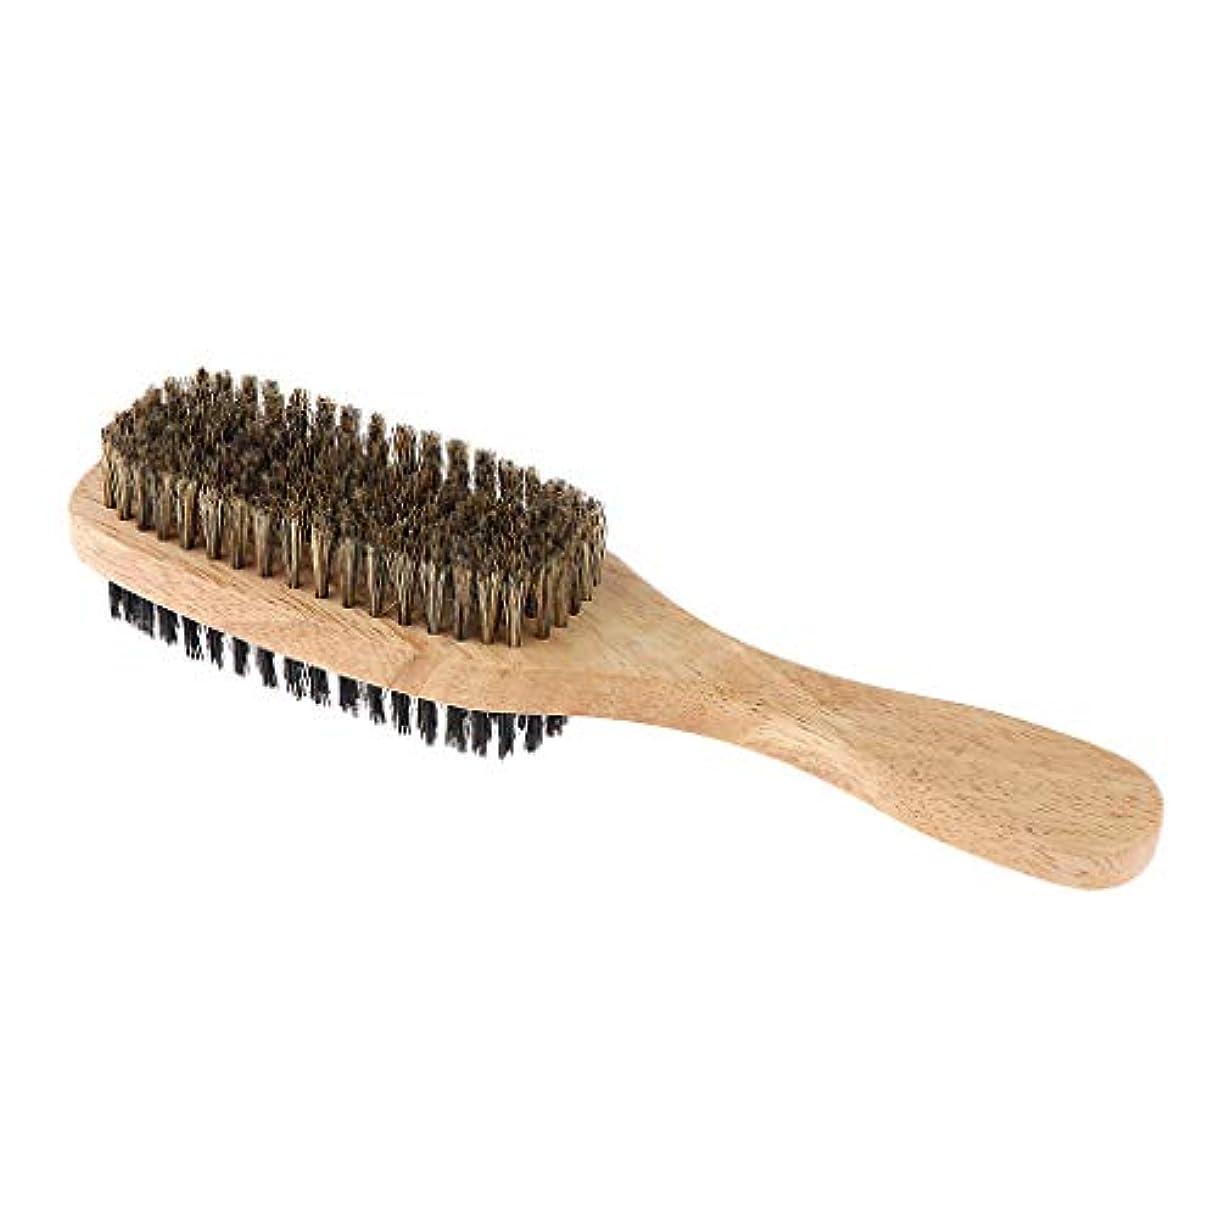 力強い割る砂のSharplace ひげブラシ 両面ブラシ メンズ用ブラシ シェービングブラシ 木製ハンドル 髭剃り 泡立ち 3サイズ選べ - A